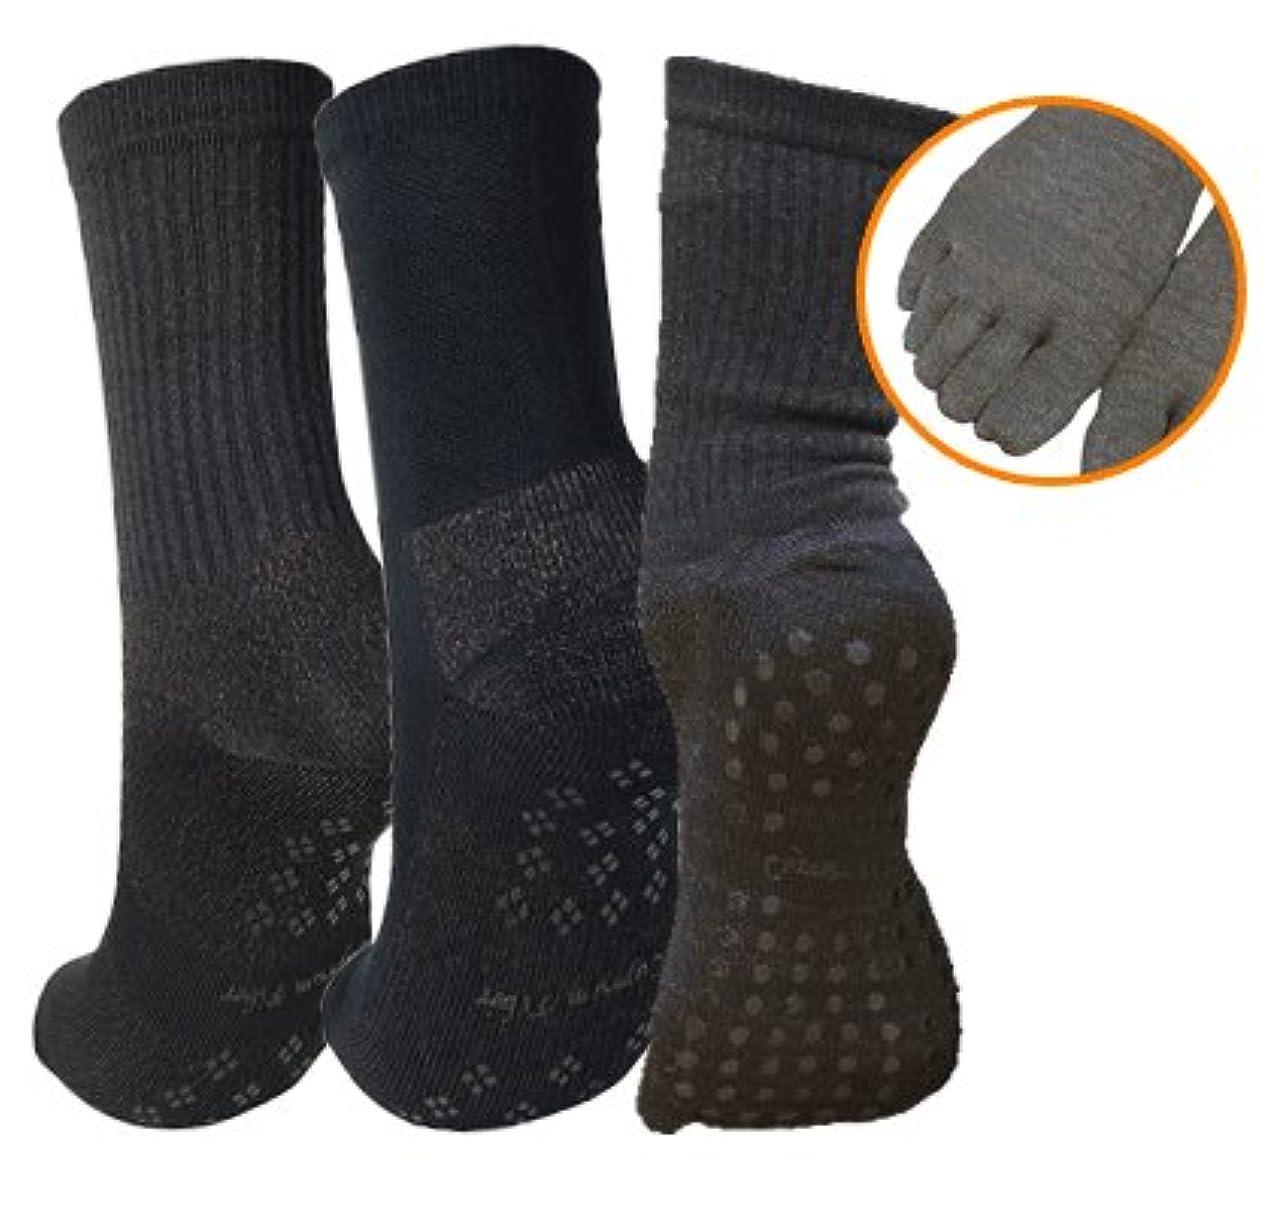 運賃出会い湿原銅繊維靴下「足もとはいつも青春」 女性専用お得お試し3点セット 【しもやけ対策に】